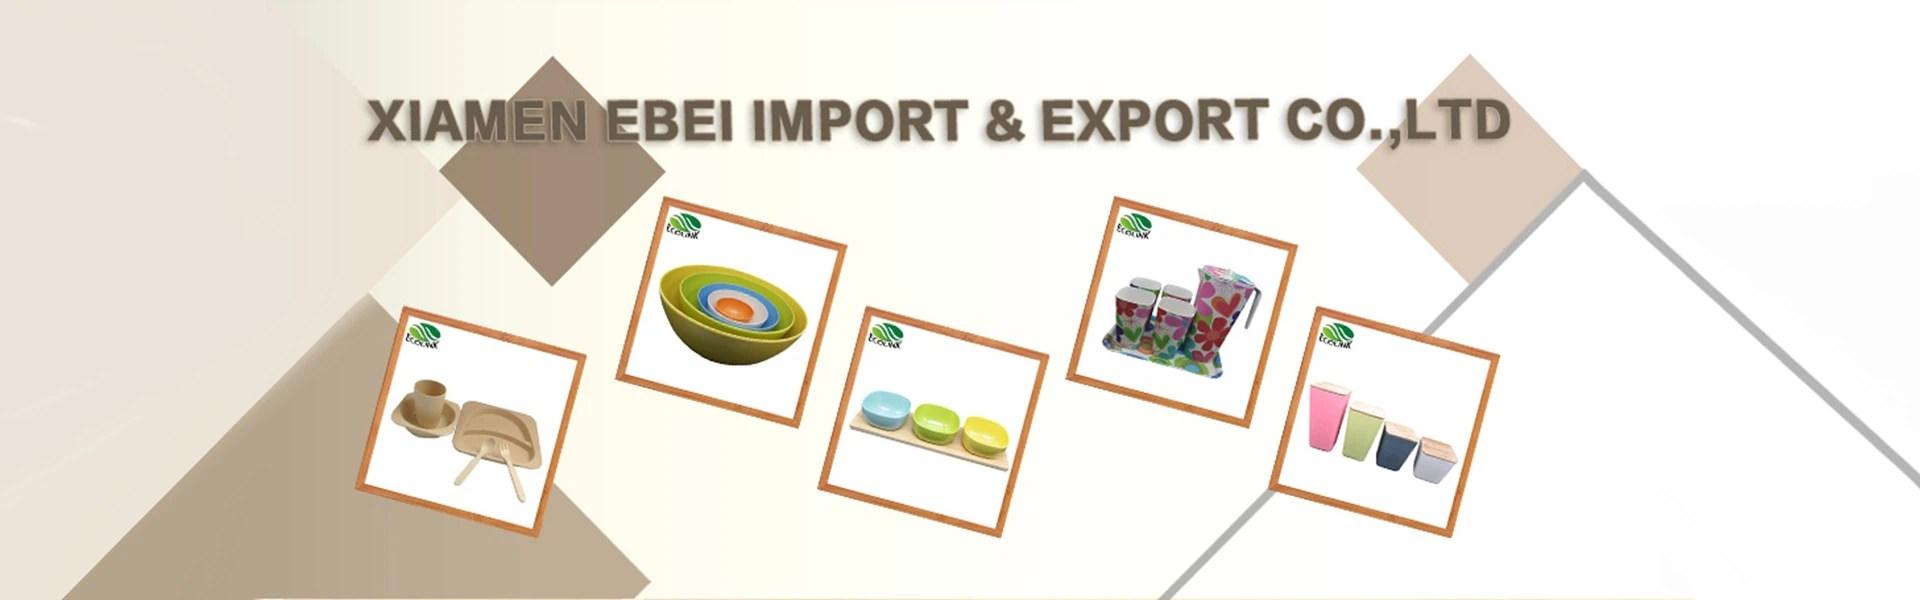 Wundervoll Bambusmöbel Bad Sammlung Von Möbel Geschirr Geschirr Produkte